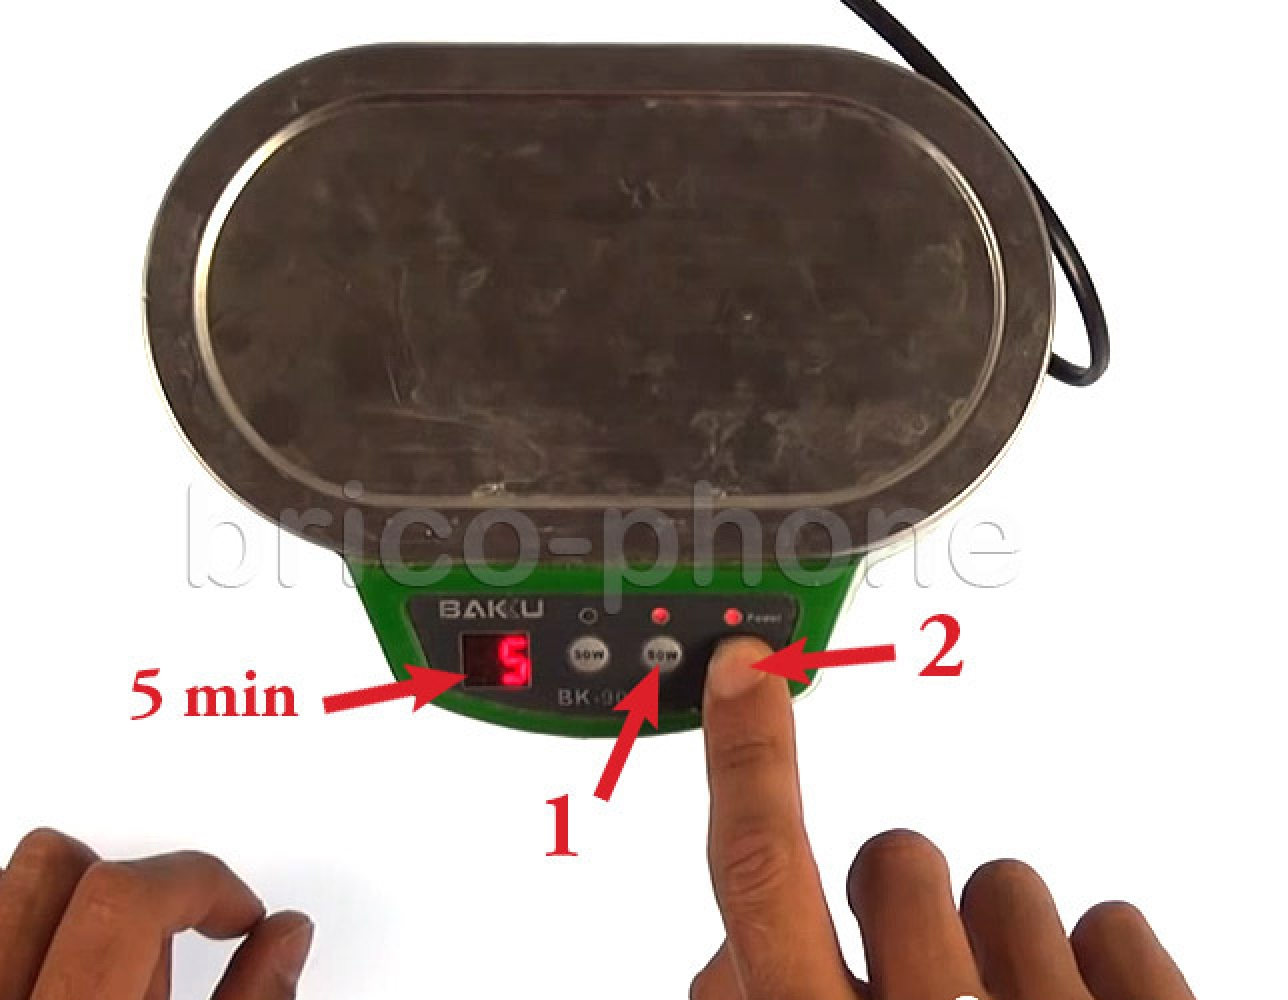 Etape 18 : Utiliser un bac pour bains à ultrasons